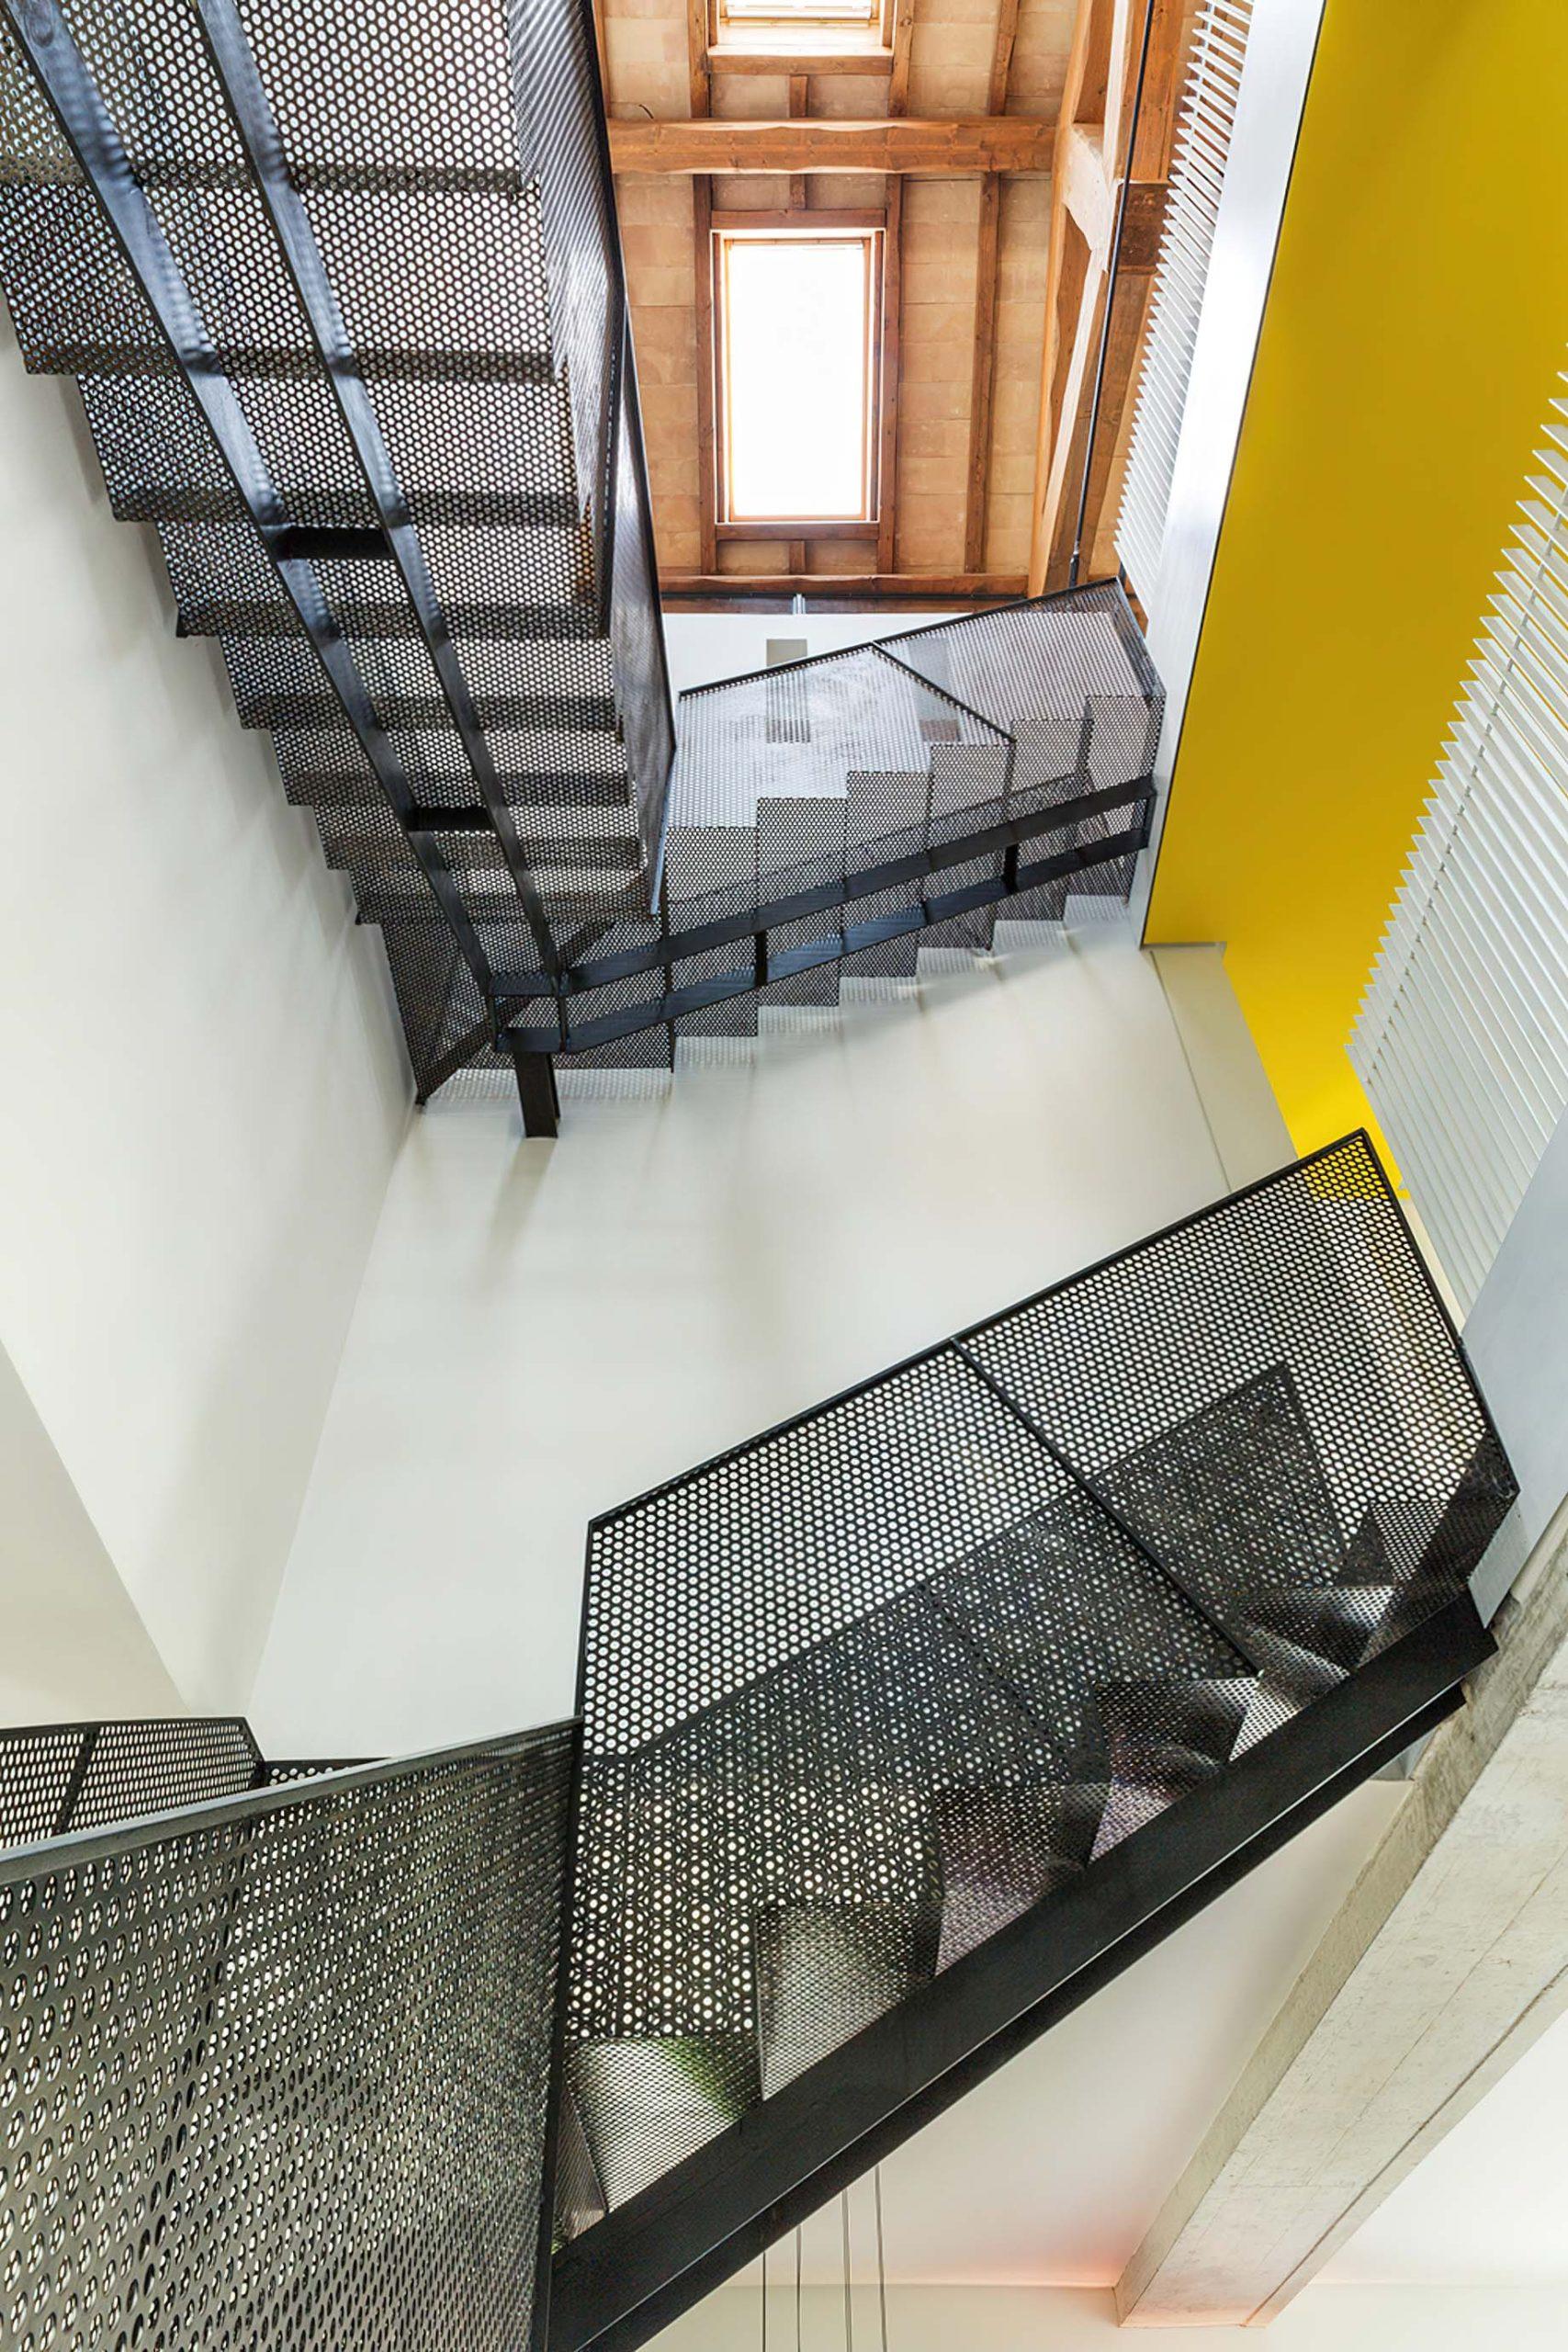 Casa C Rock Soul Inteior Design Rome, Italy – Alvisi Kirimoto